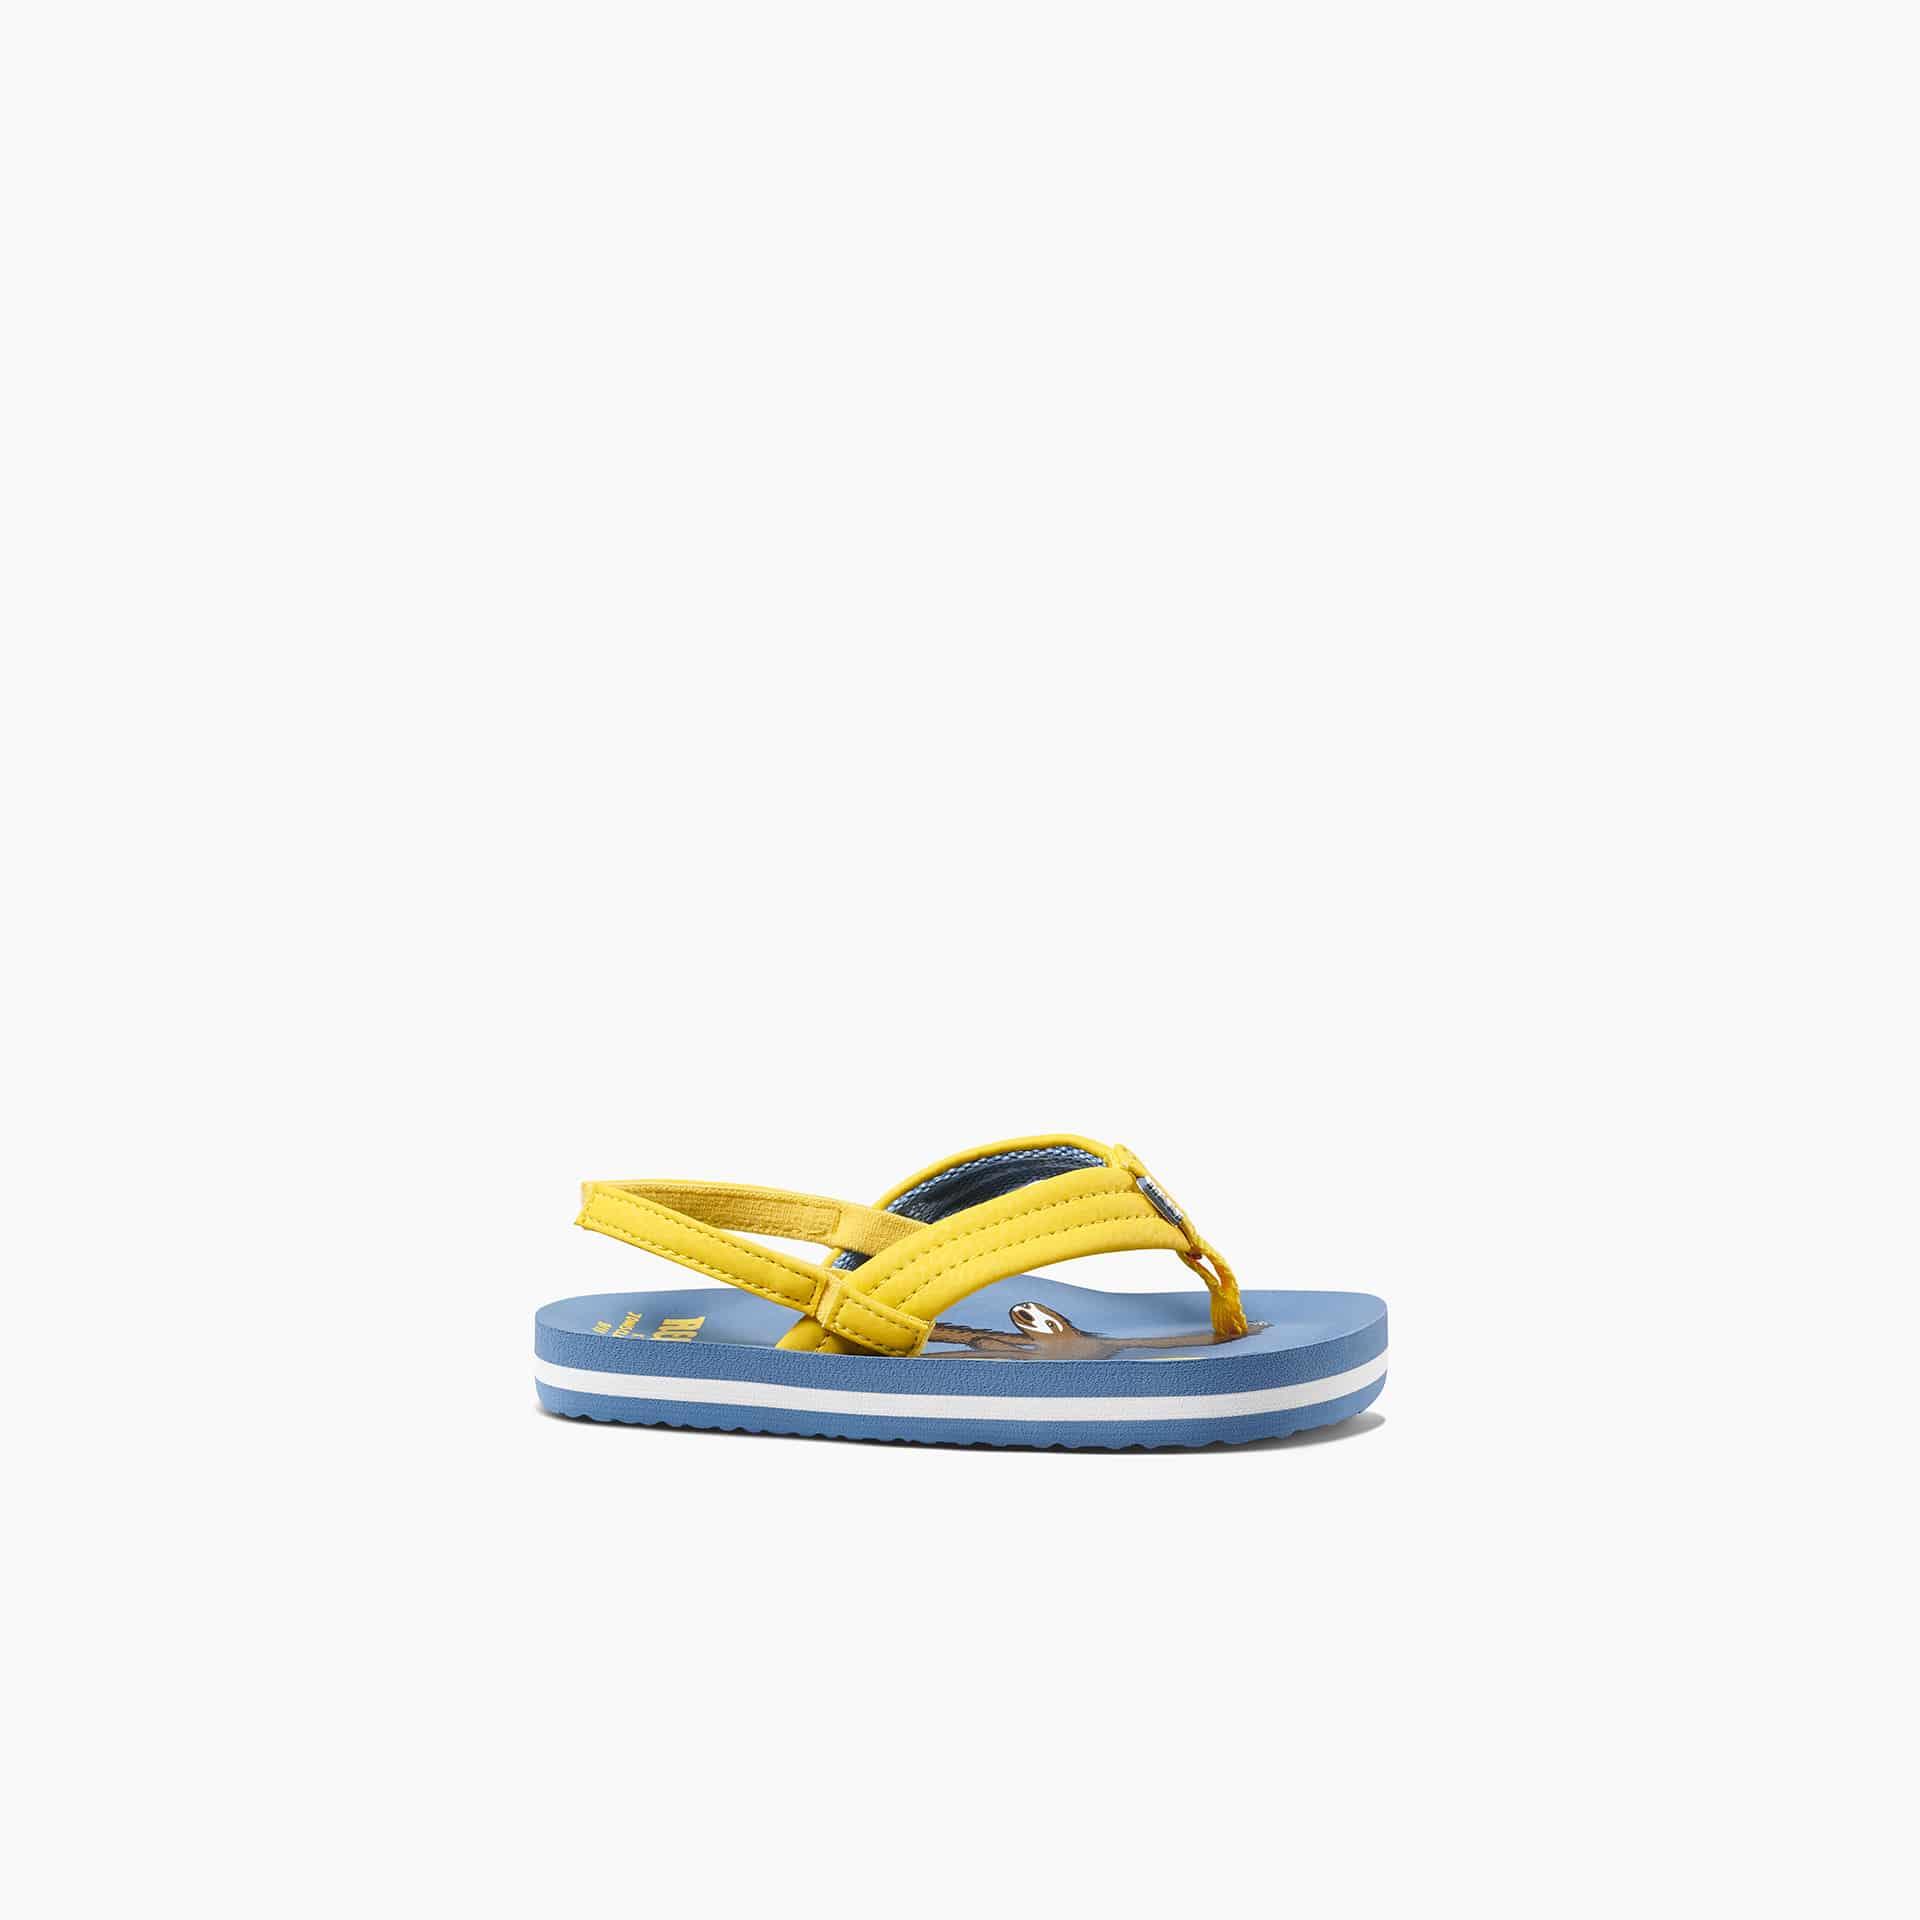 JONAS CLAESSON LIL AHI SURFING SLOTH